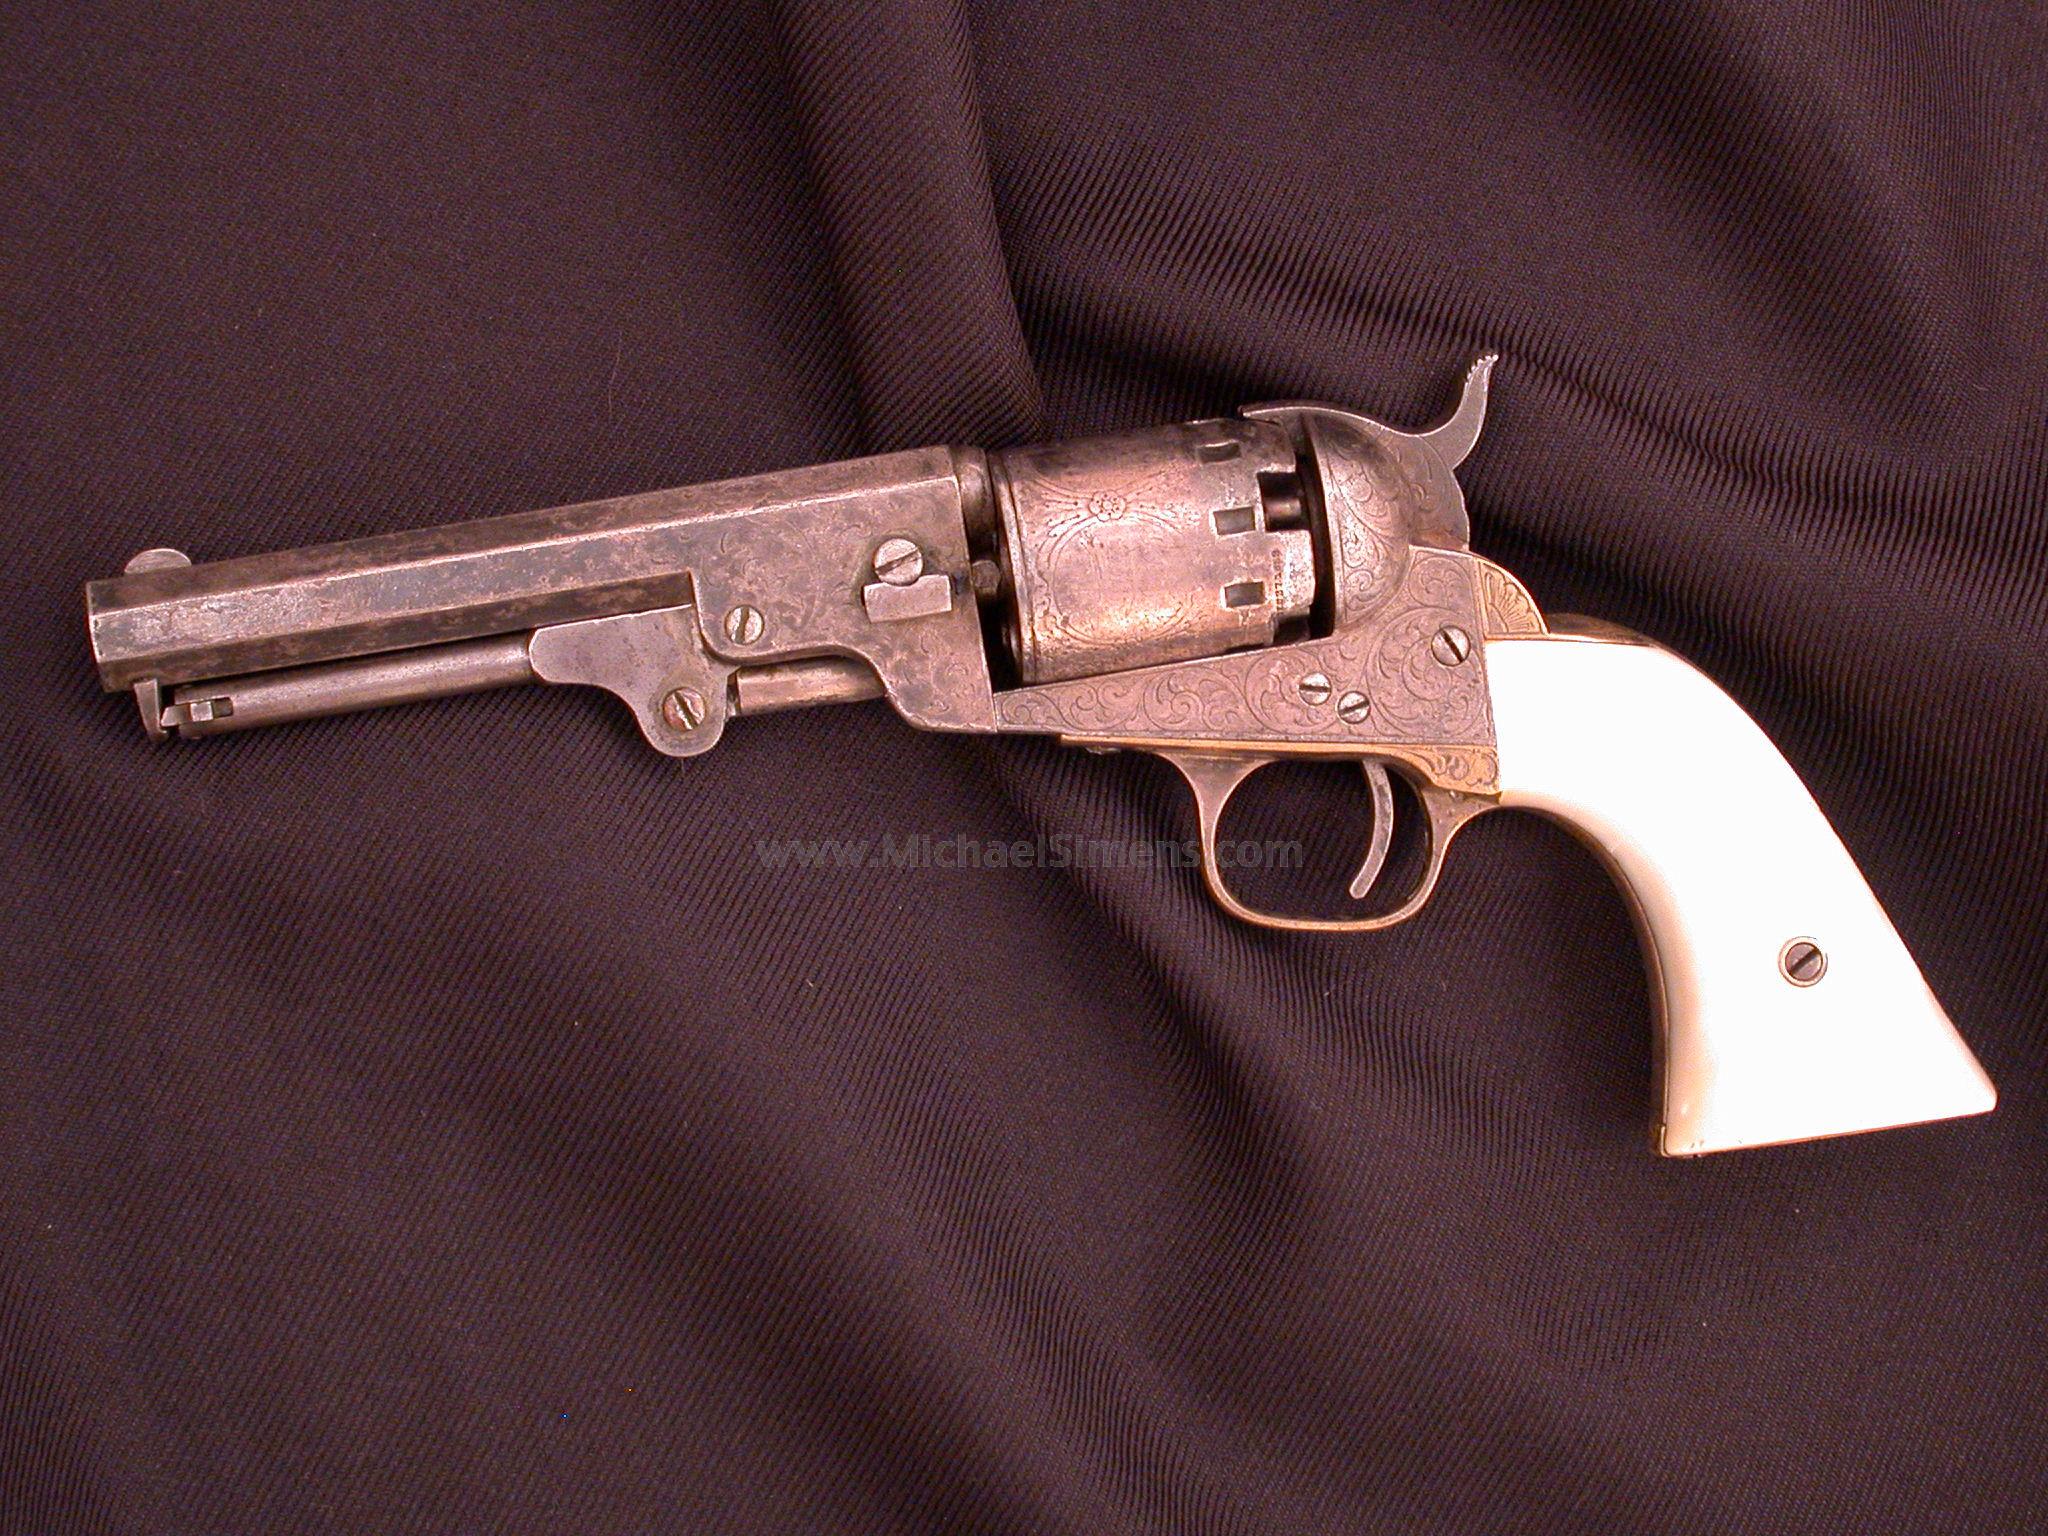 MANHATTAN NAVY REVOLVER, CIVIL WAR GUN